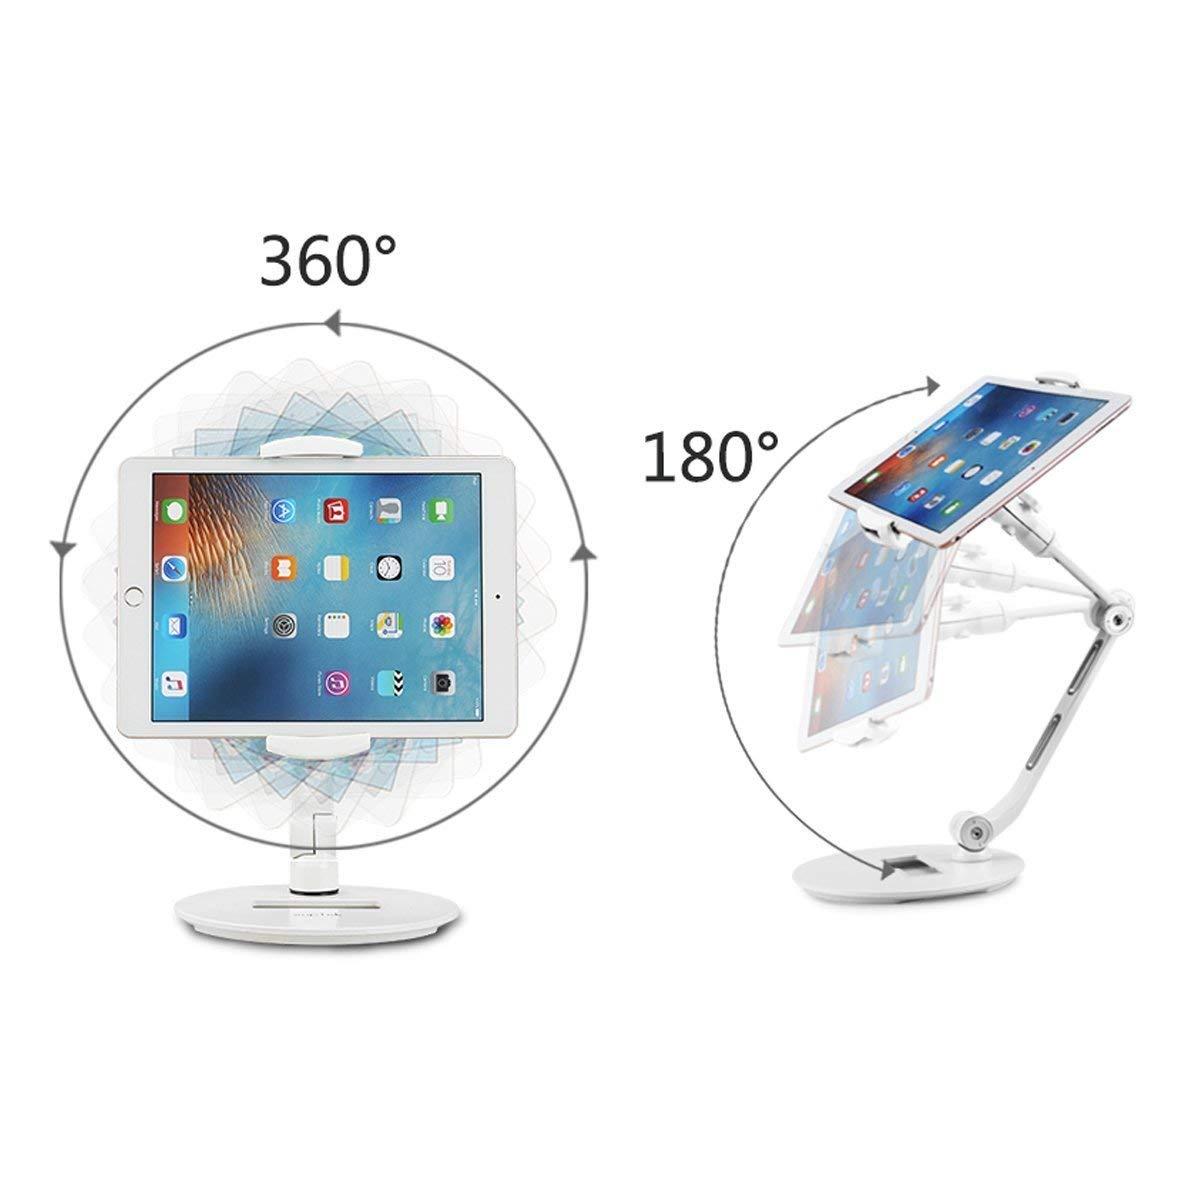 タブレット スタンド スマホ兼用 折り畳み式 360°回転可能 寝ながら 卓上ホルダー アルミニウム素材 抜群な安定感 iPad 9.7 MediaPad T5 iPhone XS Max XR Android Nintendo Switch 4.7-13インチ 対応 土台強化 滑り止め